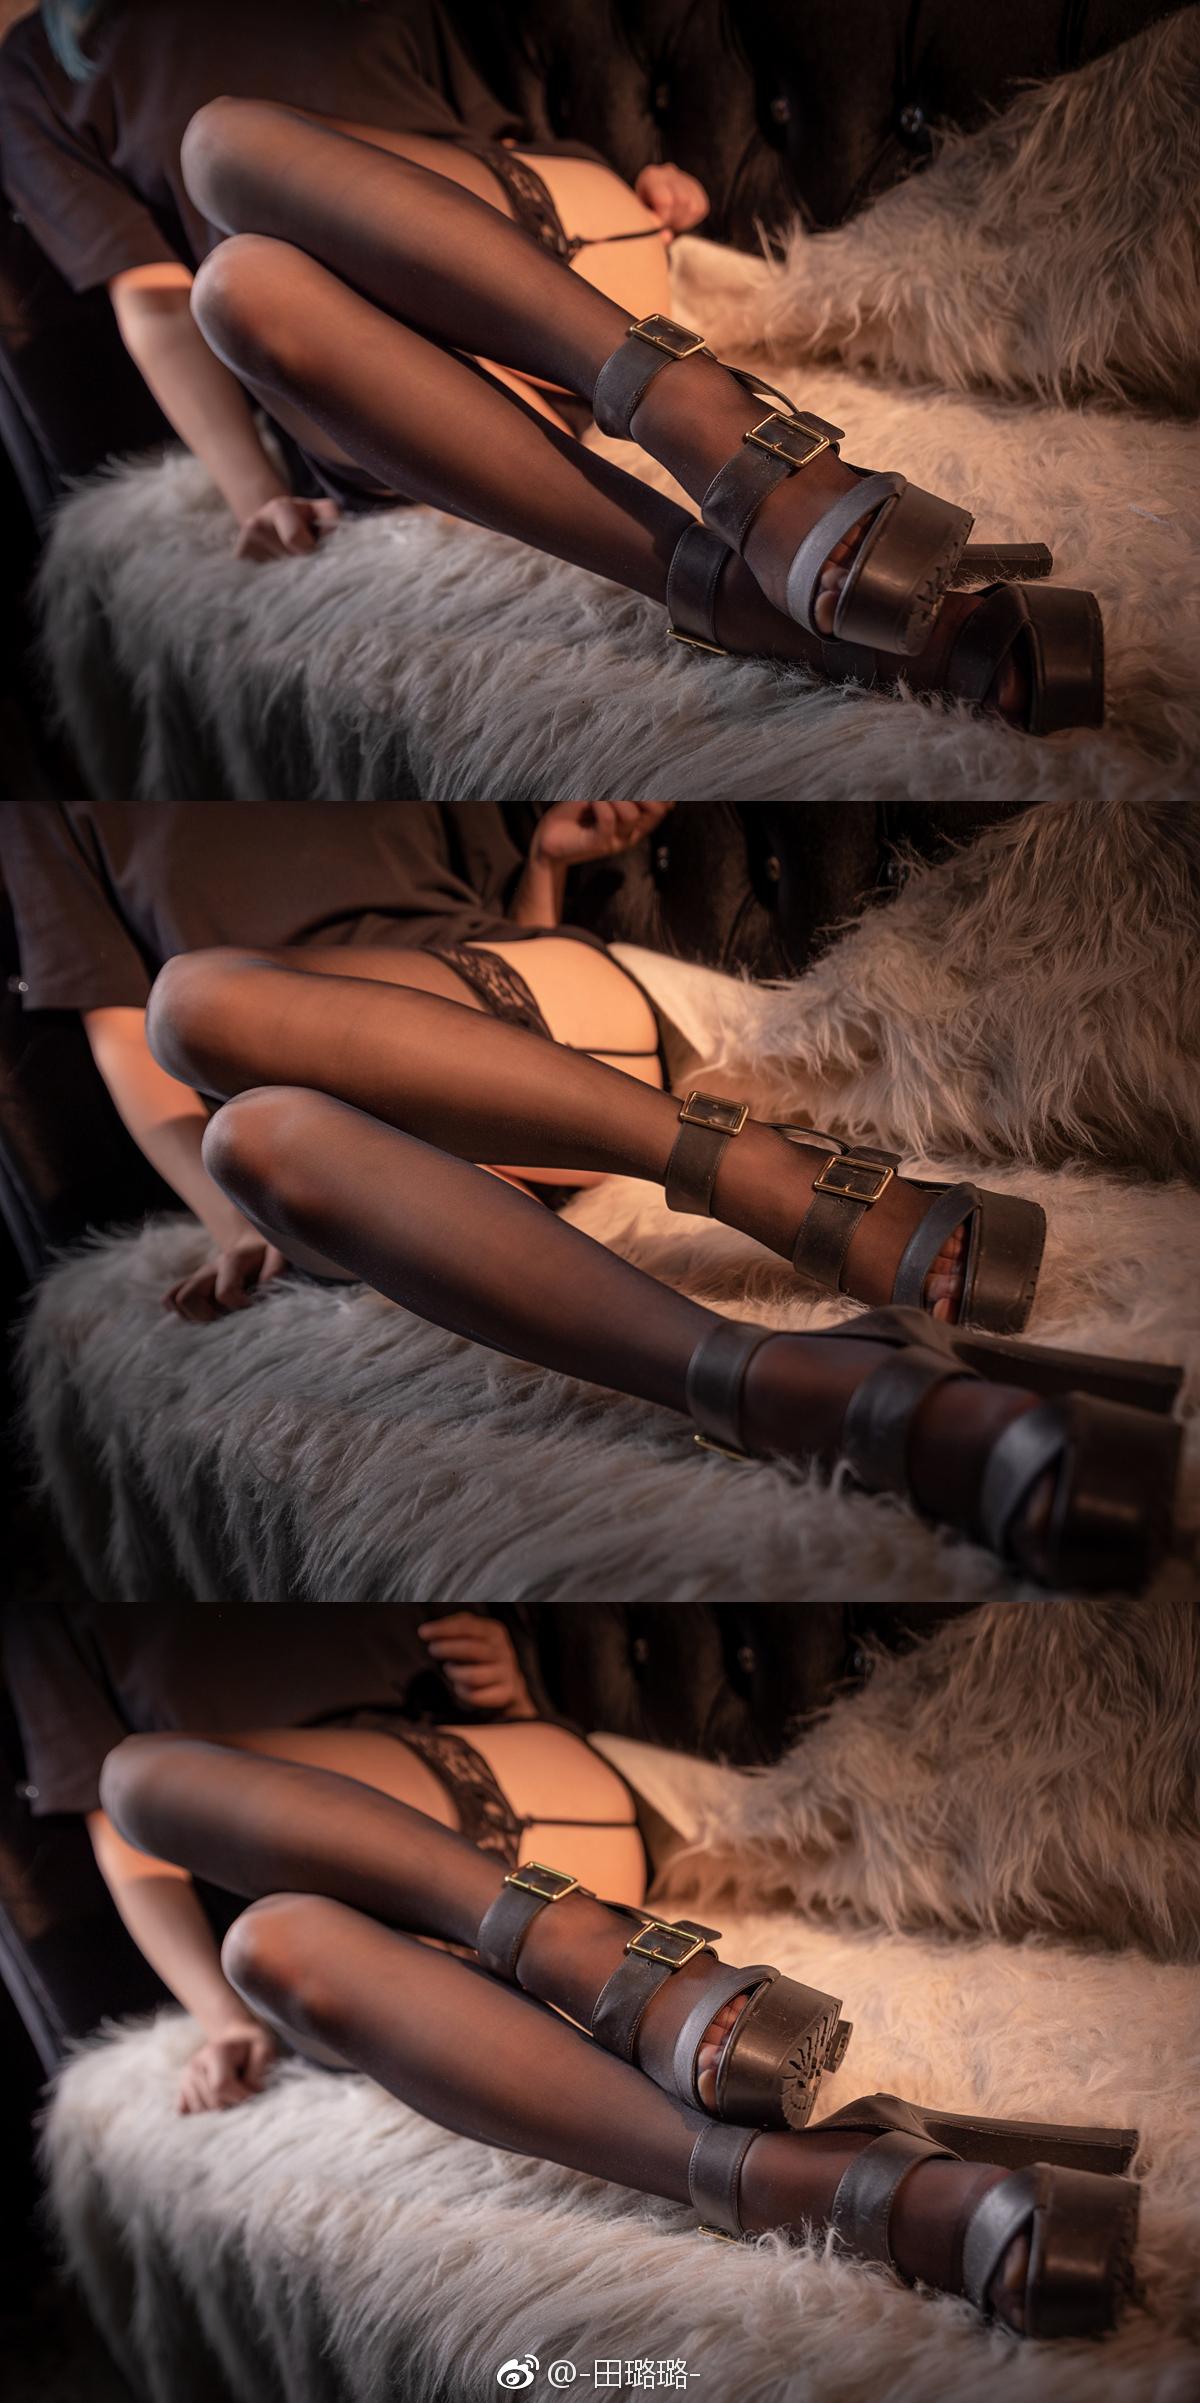 黑丝的正确穿法,吊带袜赛高! 美女写真-第3张